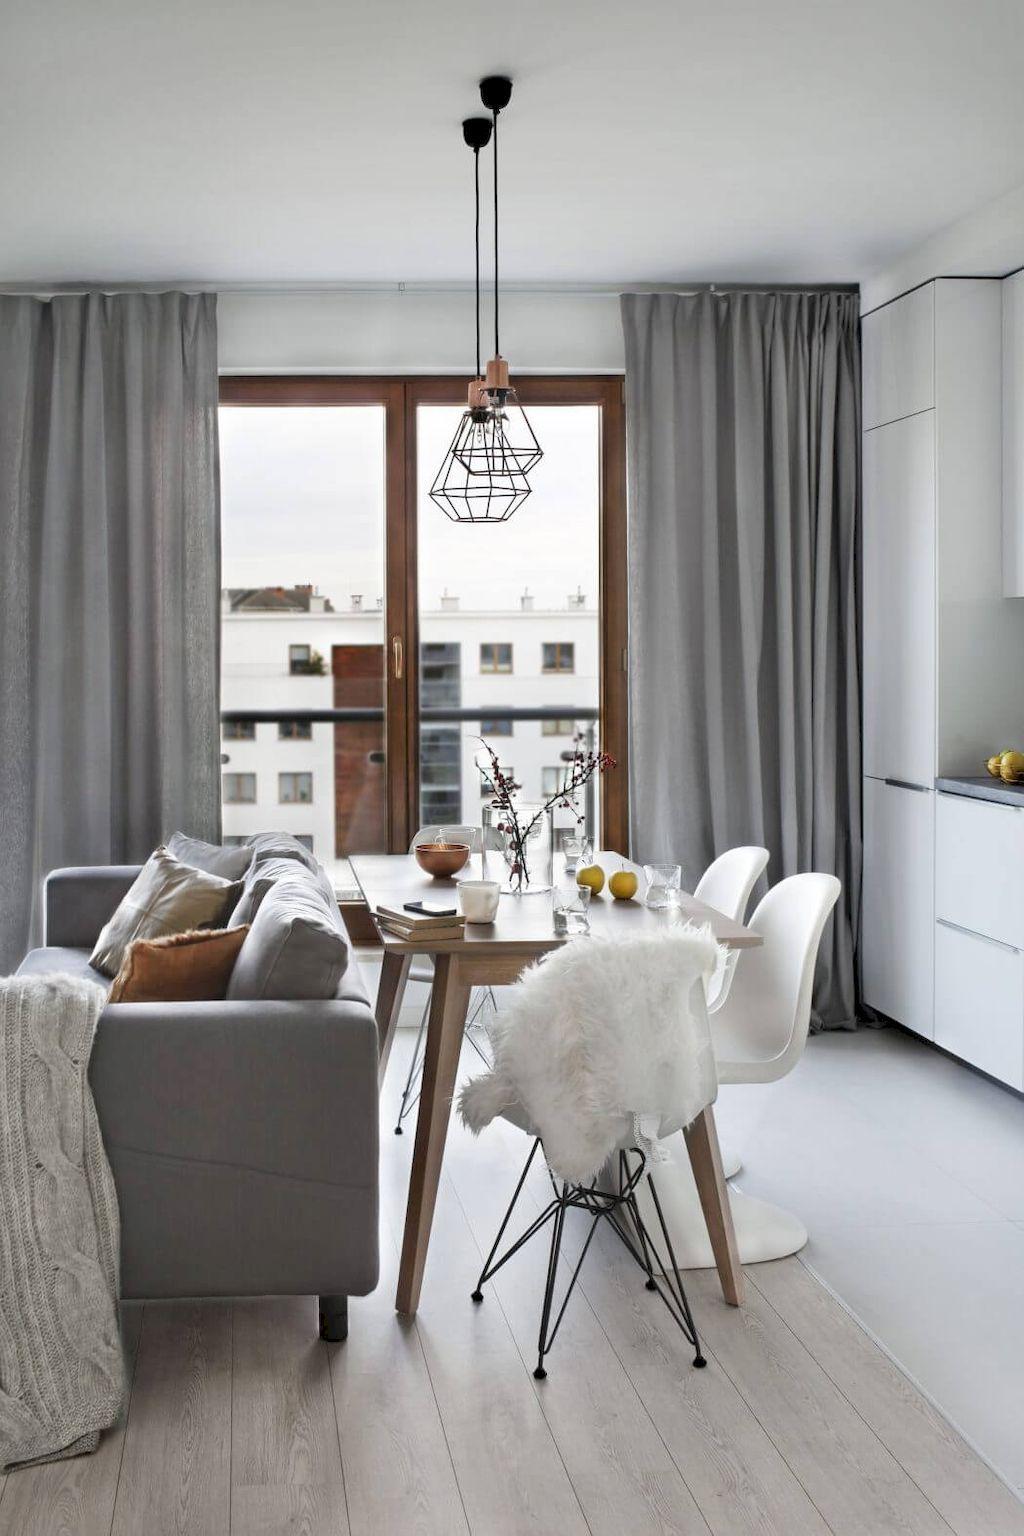 70 Genius Small Dining Room Design Ideas Small Apartment Interior Interior Design Apartment Small Scandinavian Dining Room